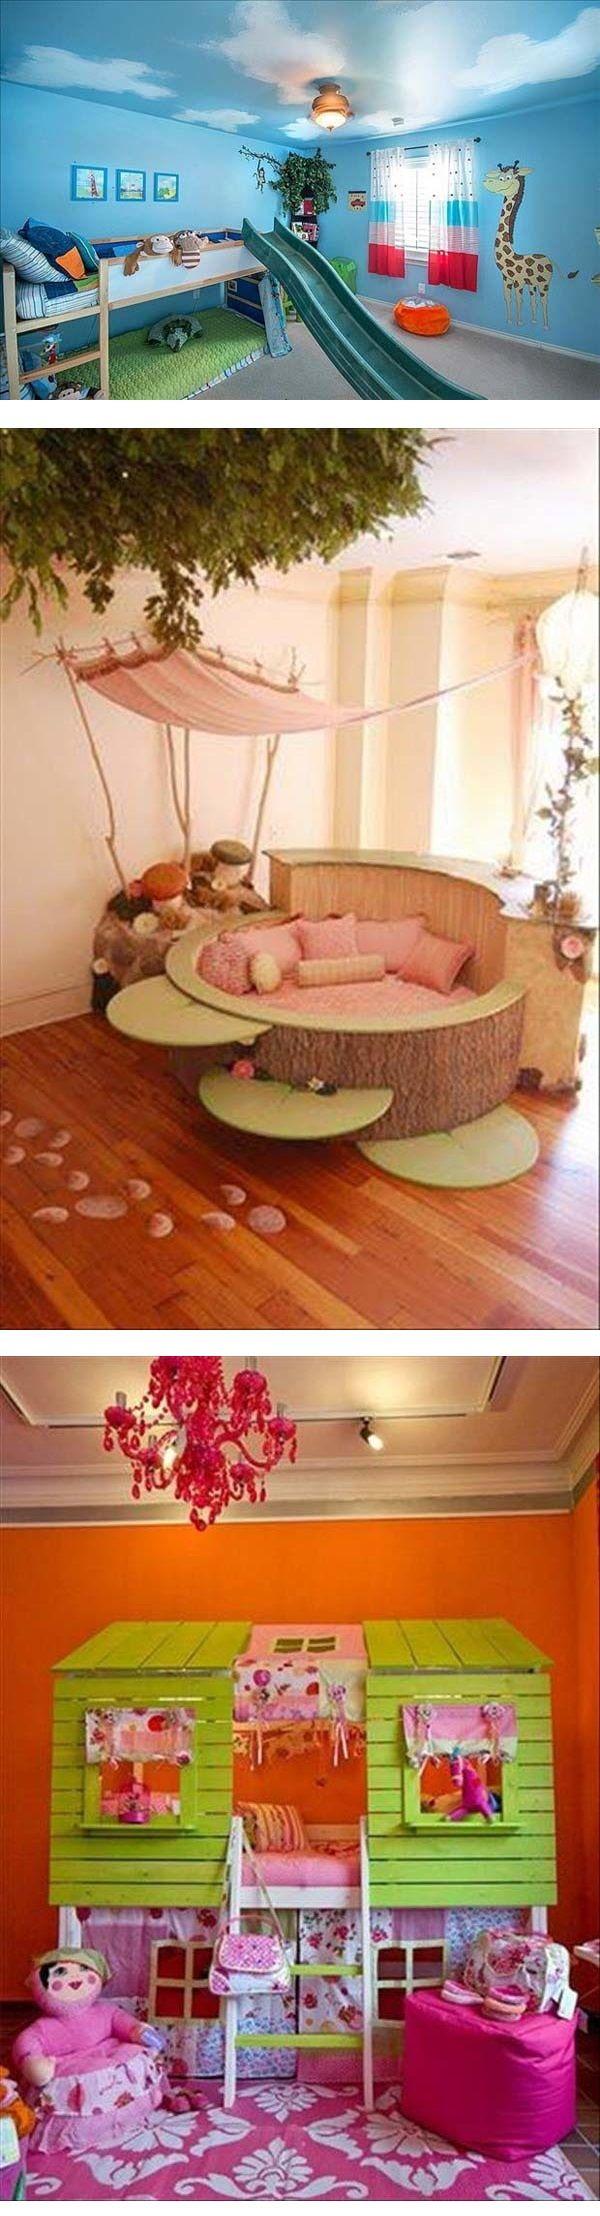 415 besten Children\'s Rooms Bilder auf Pinterest   Schlafzimmer ...